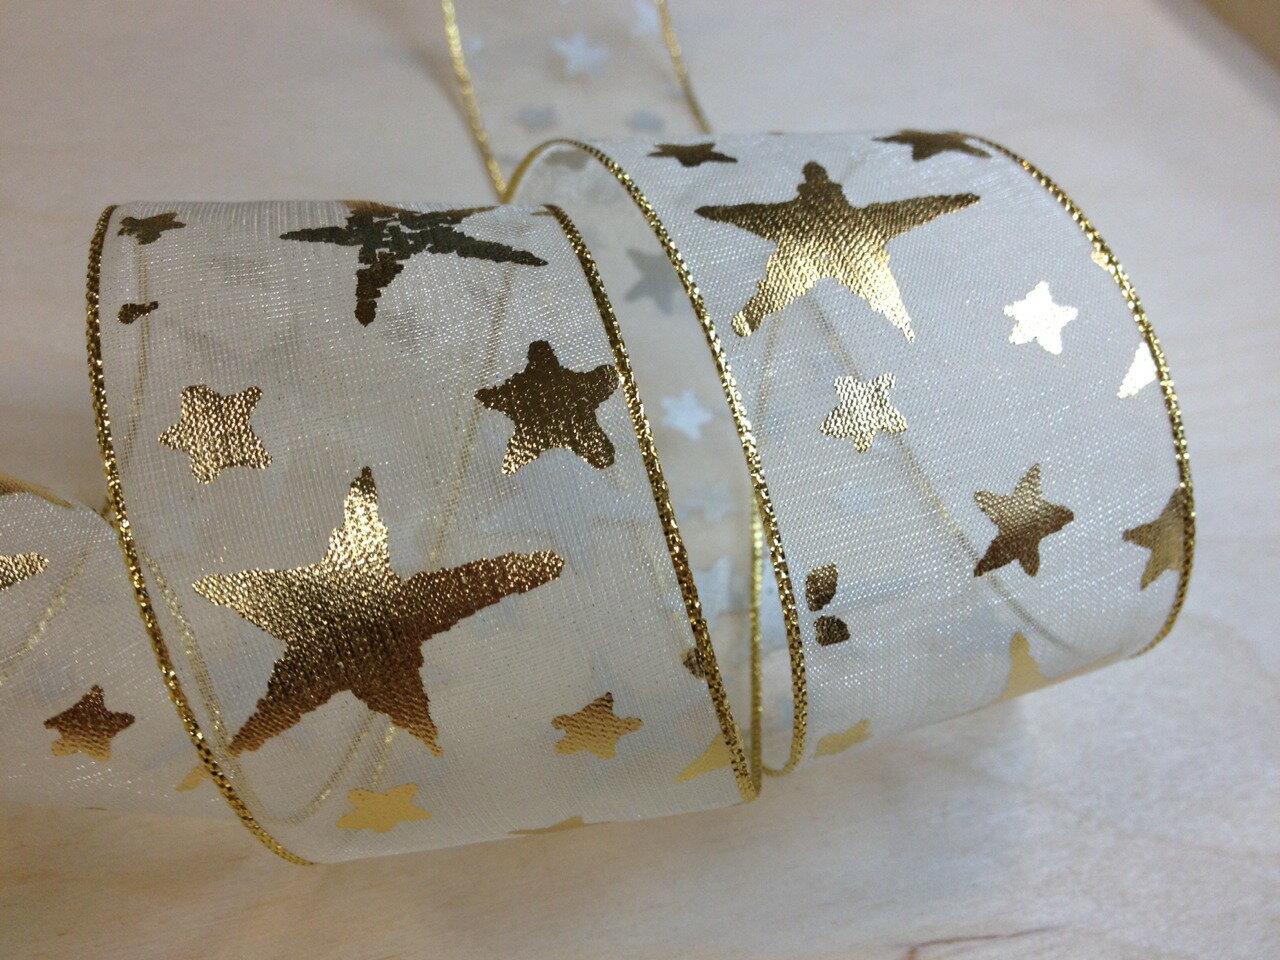 網紗緞帶-聖誕彩色星星 38mm 3碼裝 (5色) 4